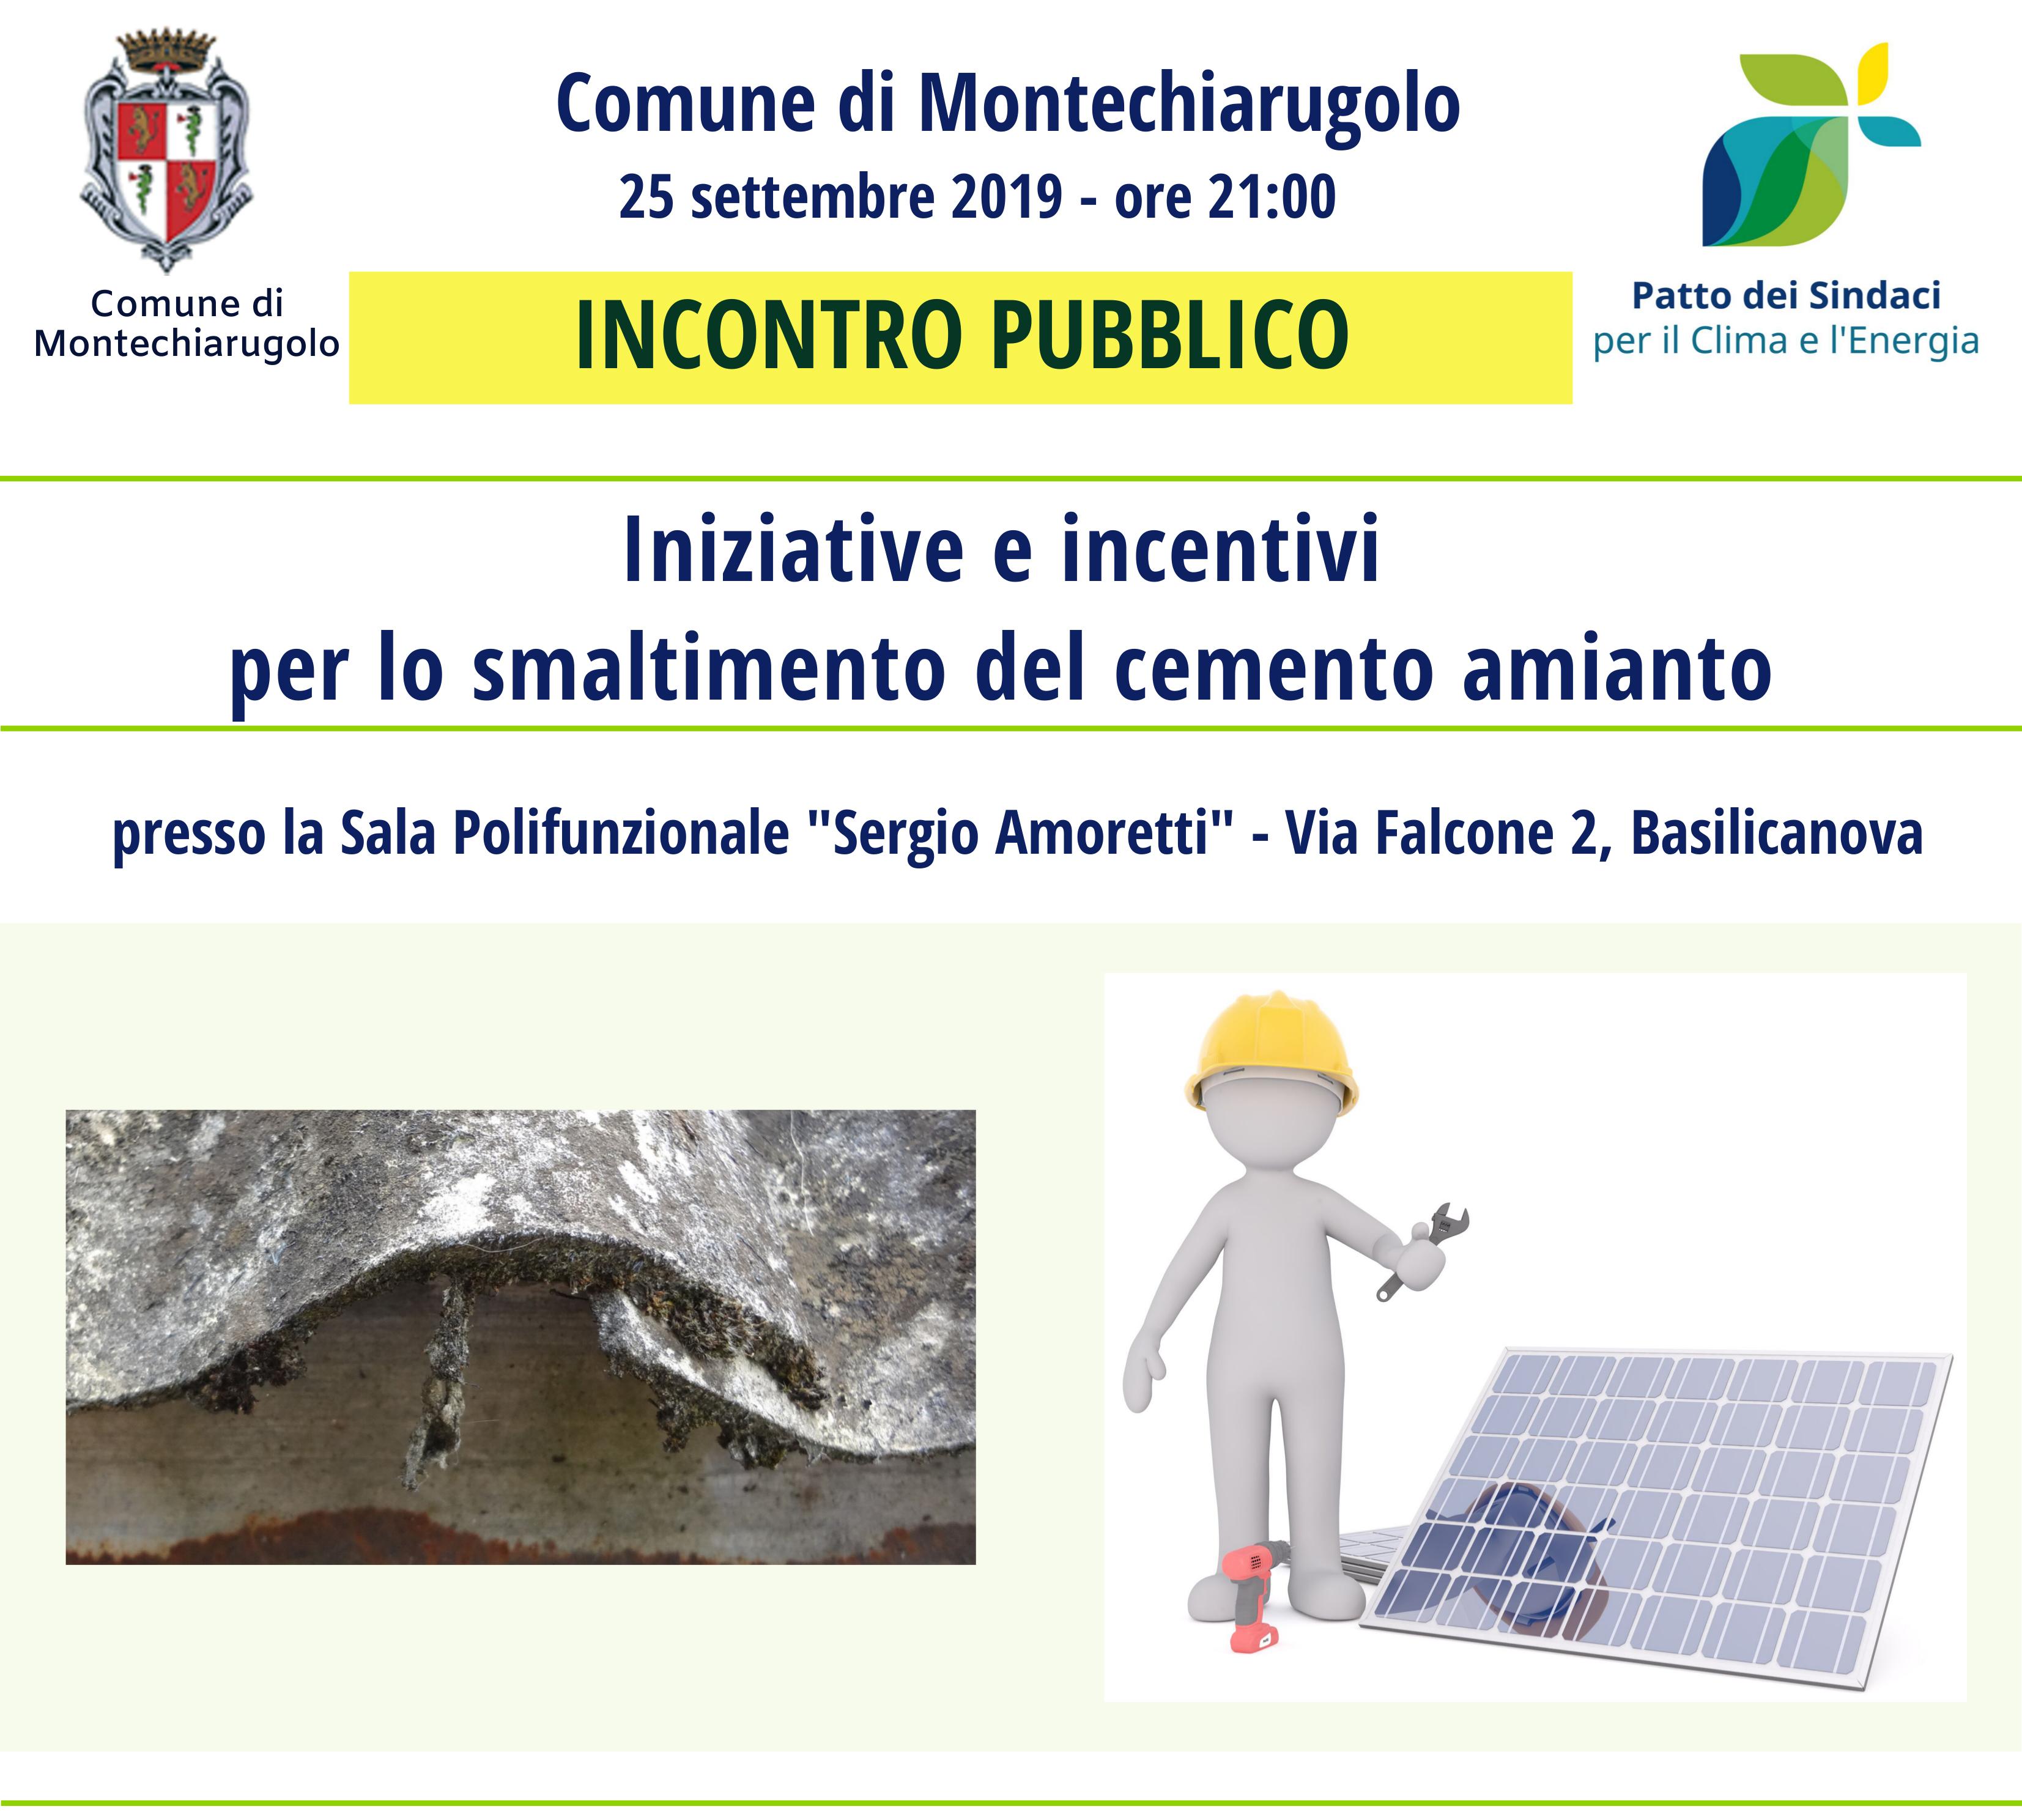 montechiarugolo-25-settembre-2019_img-evidenza